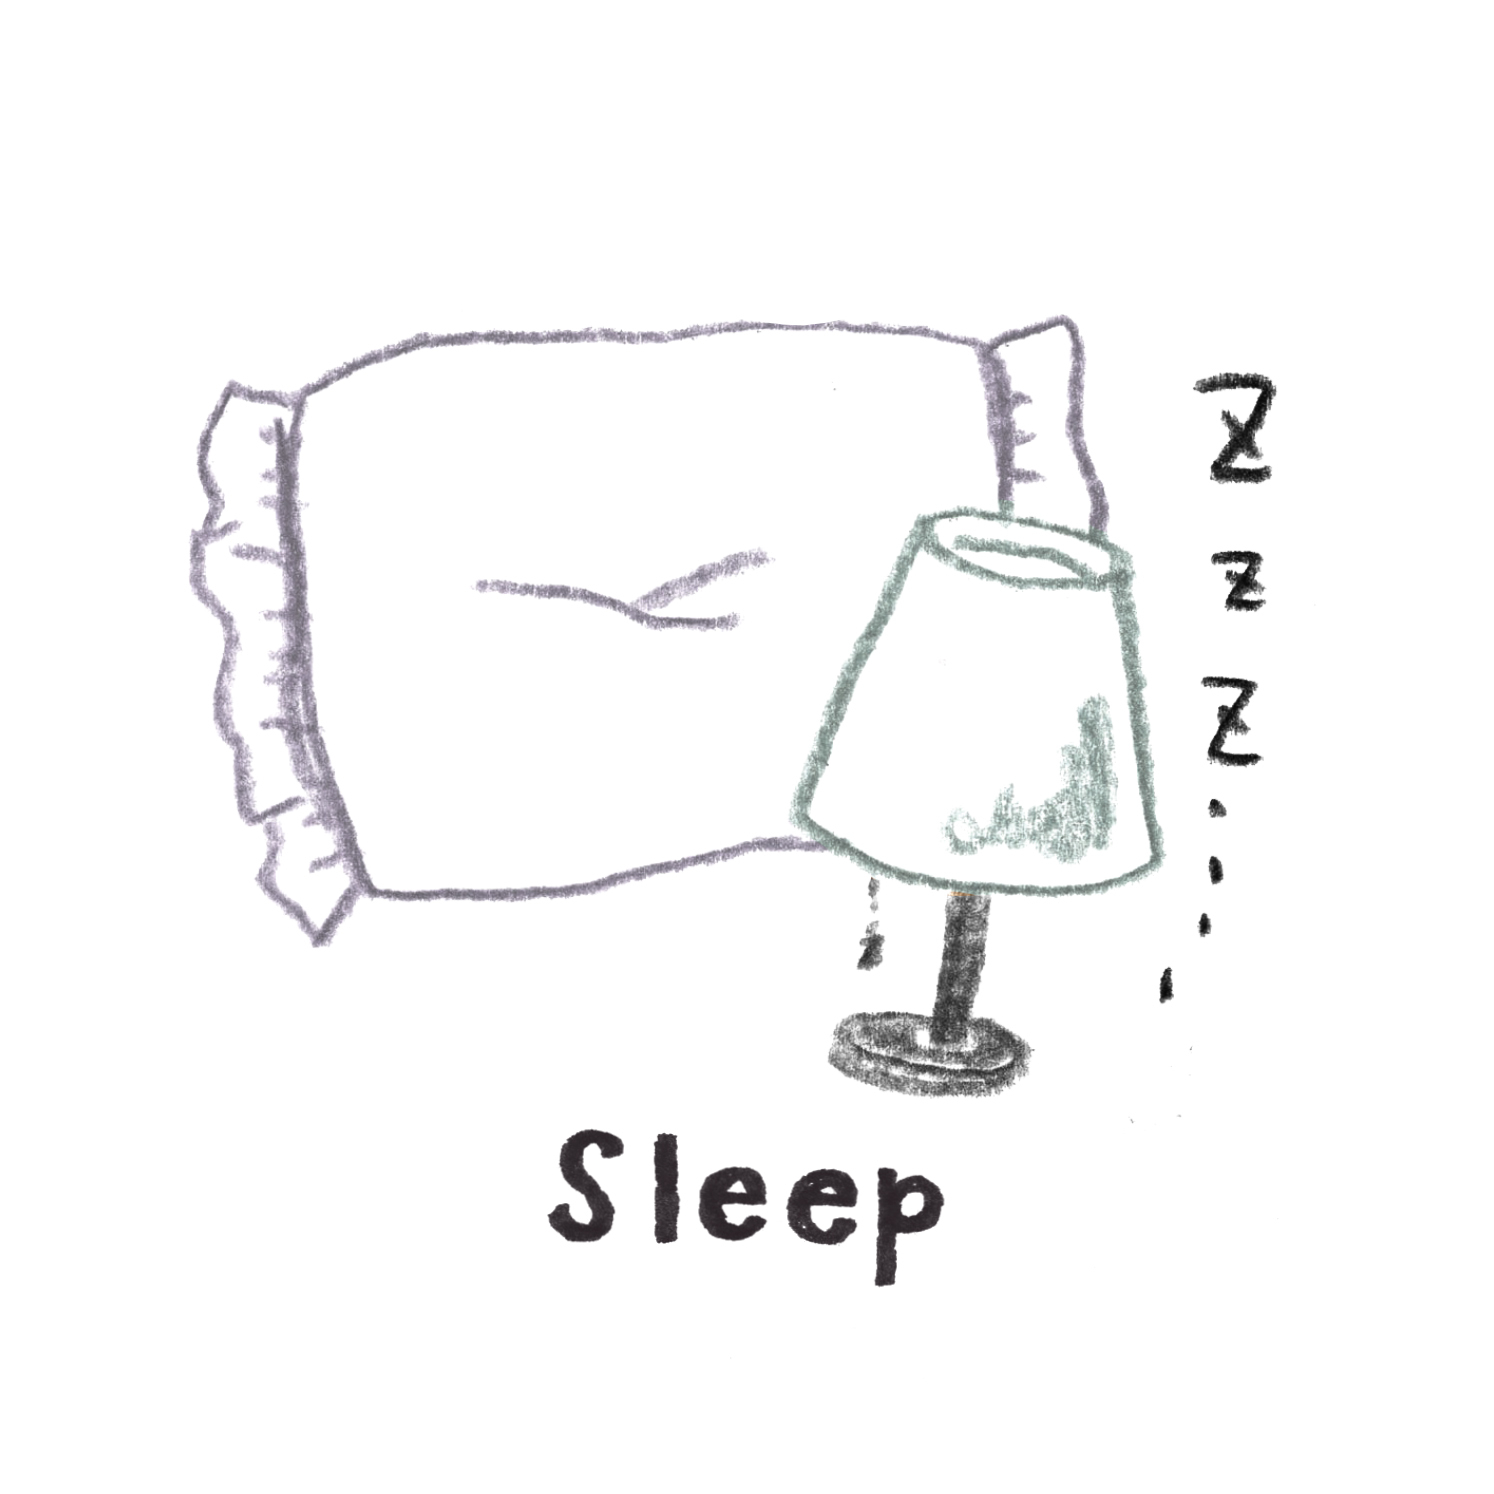 D:睡眠時間にしたい